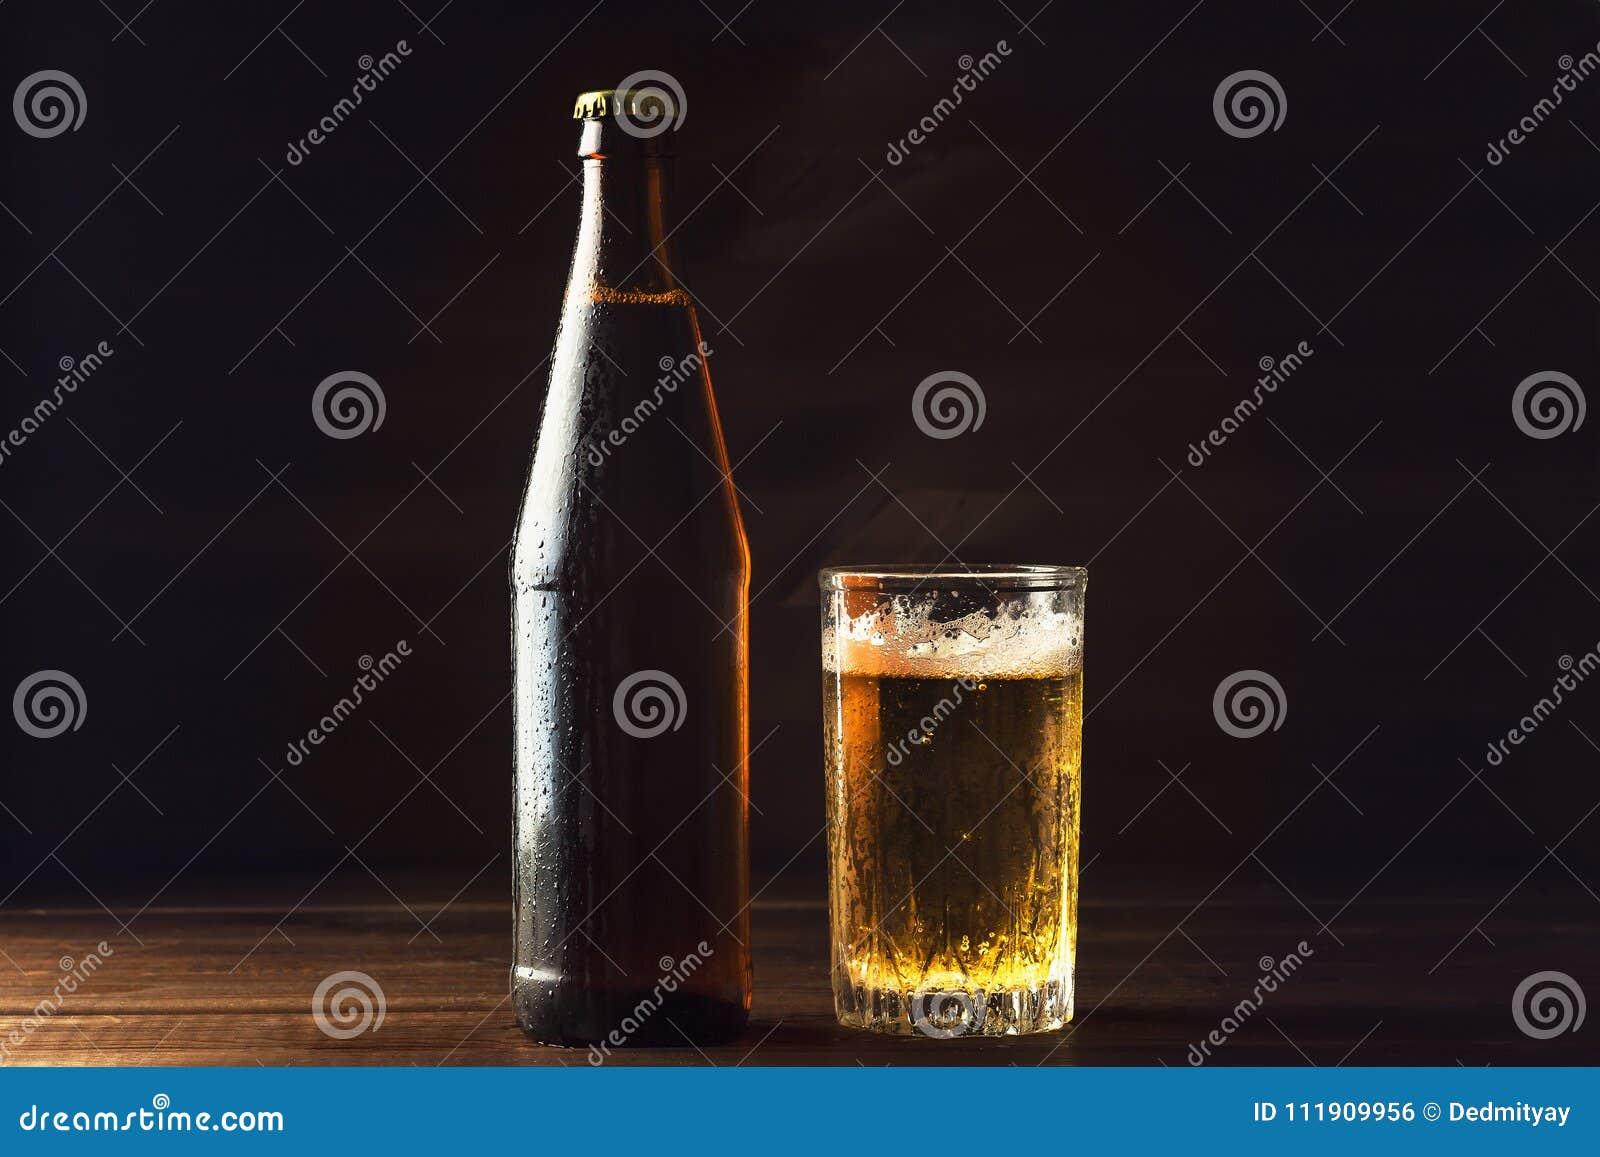 Kall ölflaska och exponeringsglas med nytt öl i droppar av vatten på mörk bakgrund, hantverkbryggeri